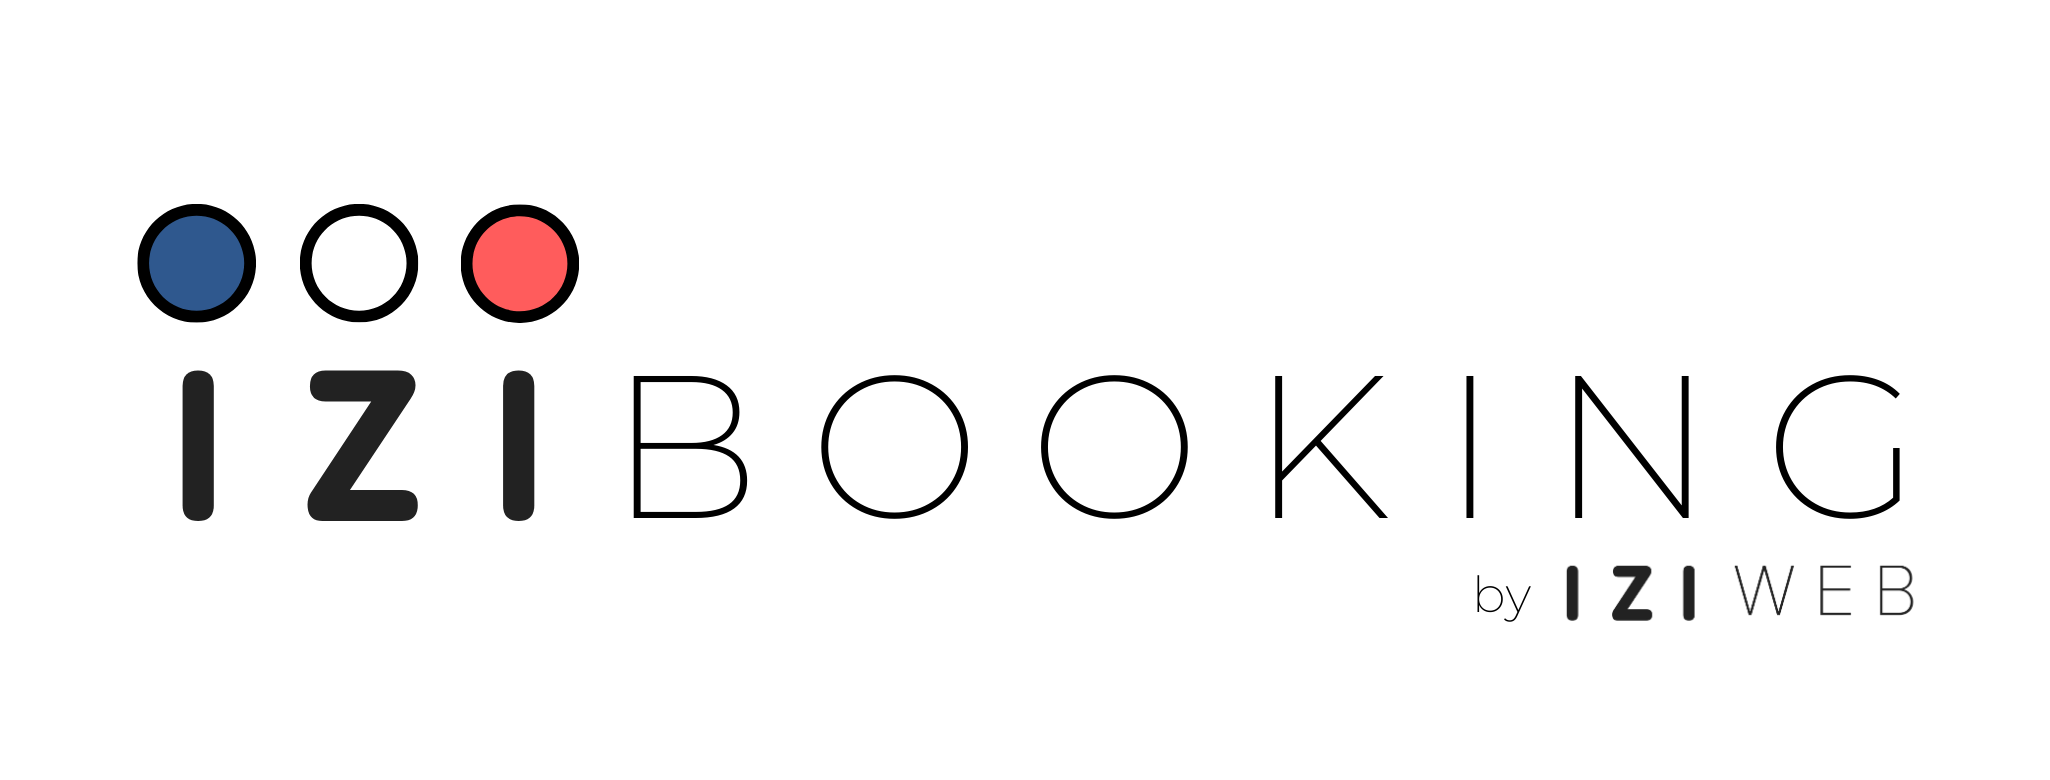 Copie de Izicomm (5)